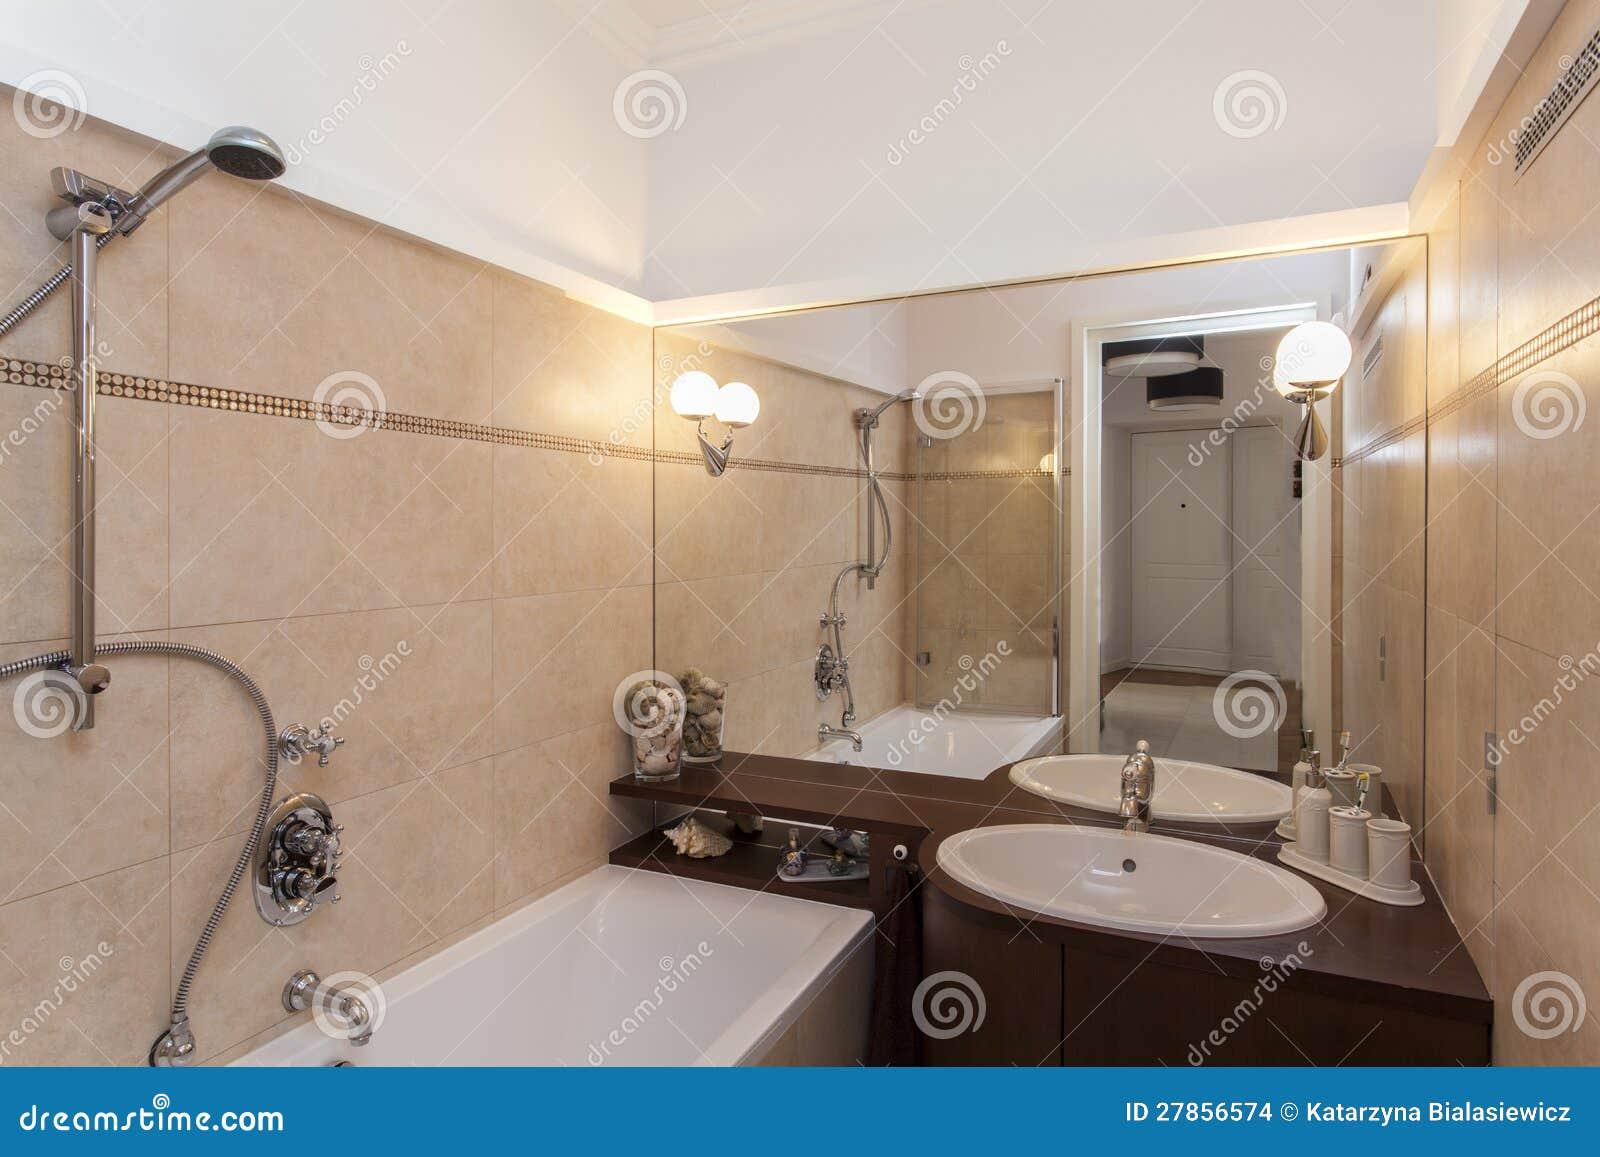 Badkamer ecru badkamer ontwerp idee n voor uw huis samen met meubels die het aanvullen - Betegelde badkamer ontwerp ...